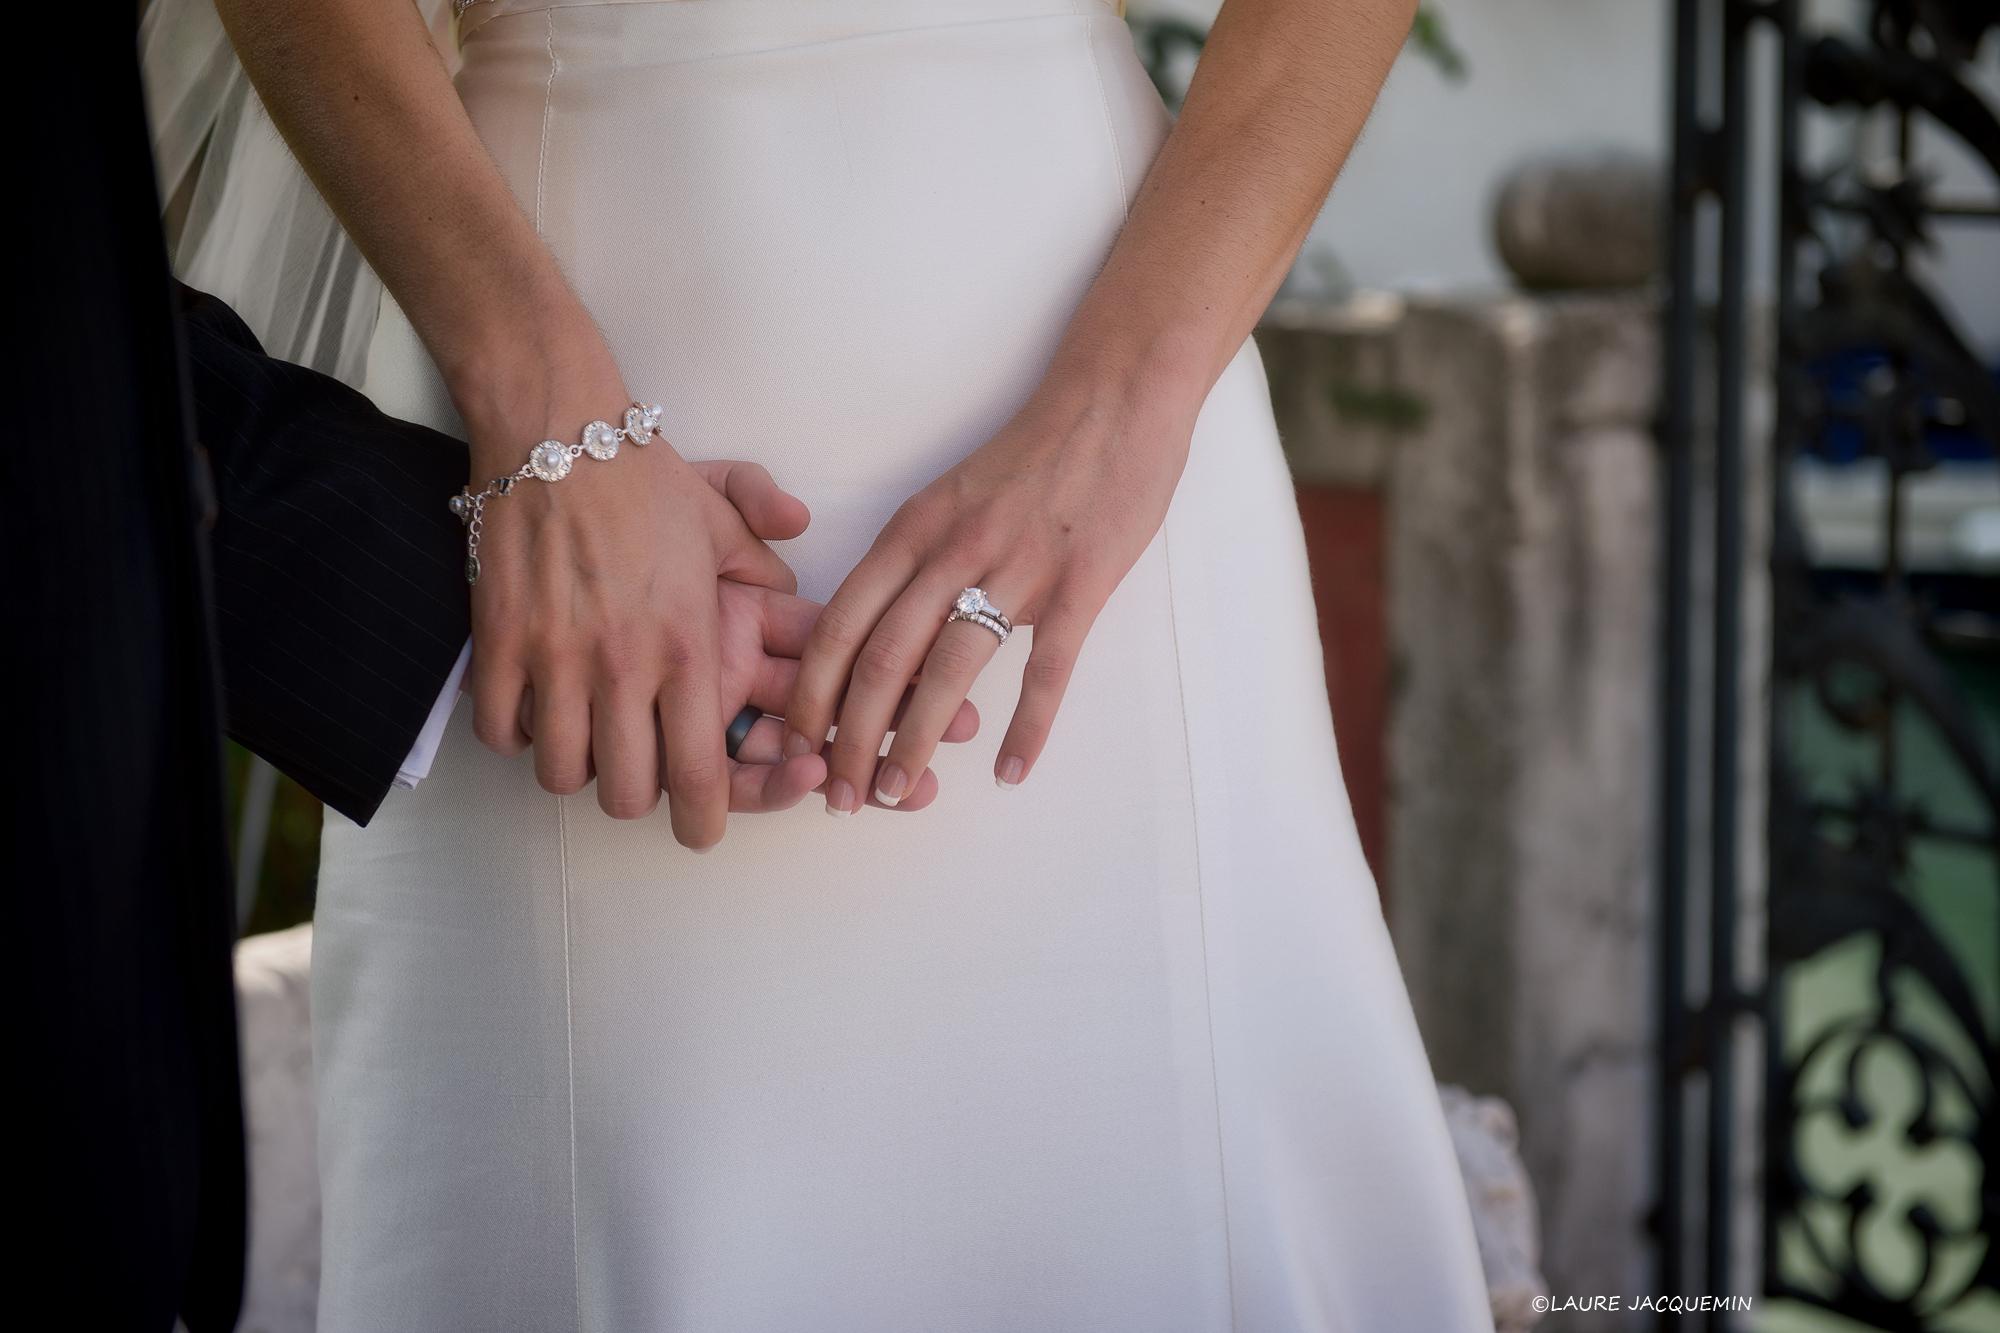 venise mariage photographe laure Jacquemin simbolique jardin venitien gondole (74)